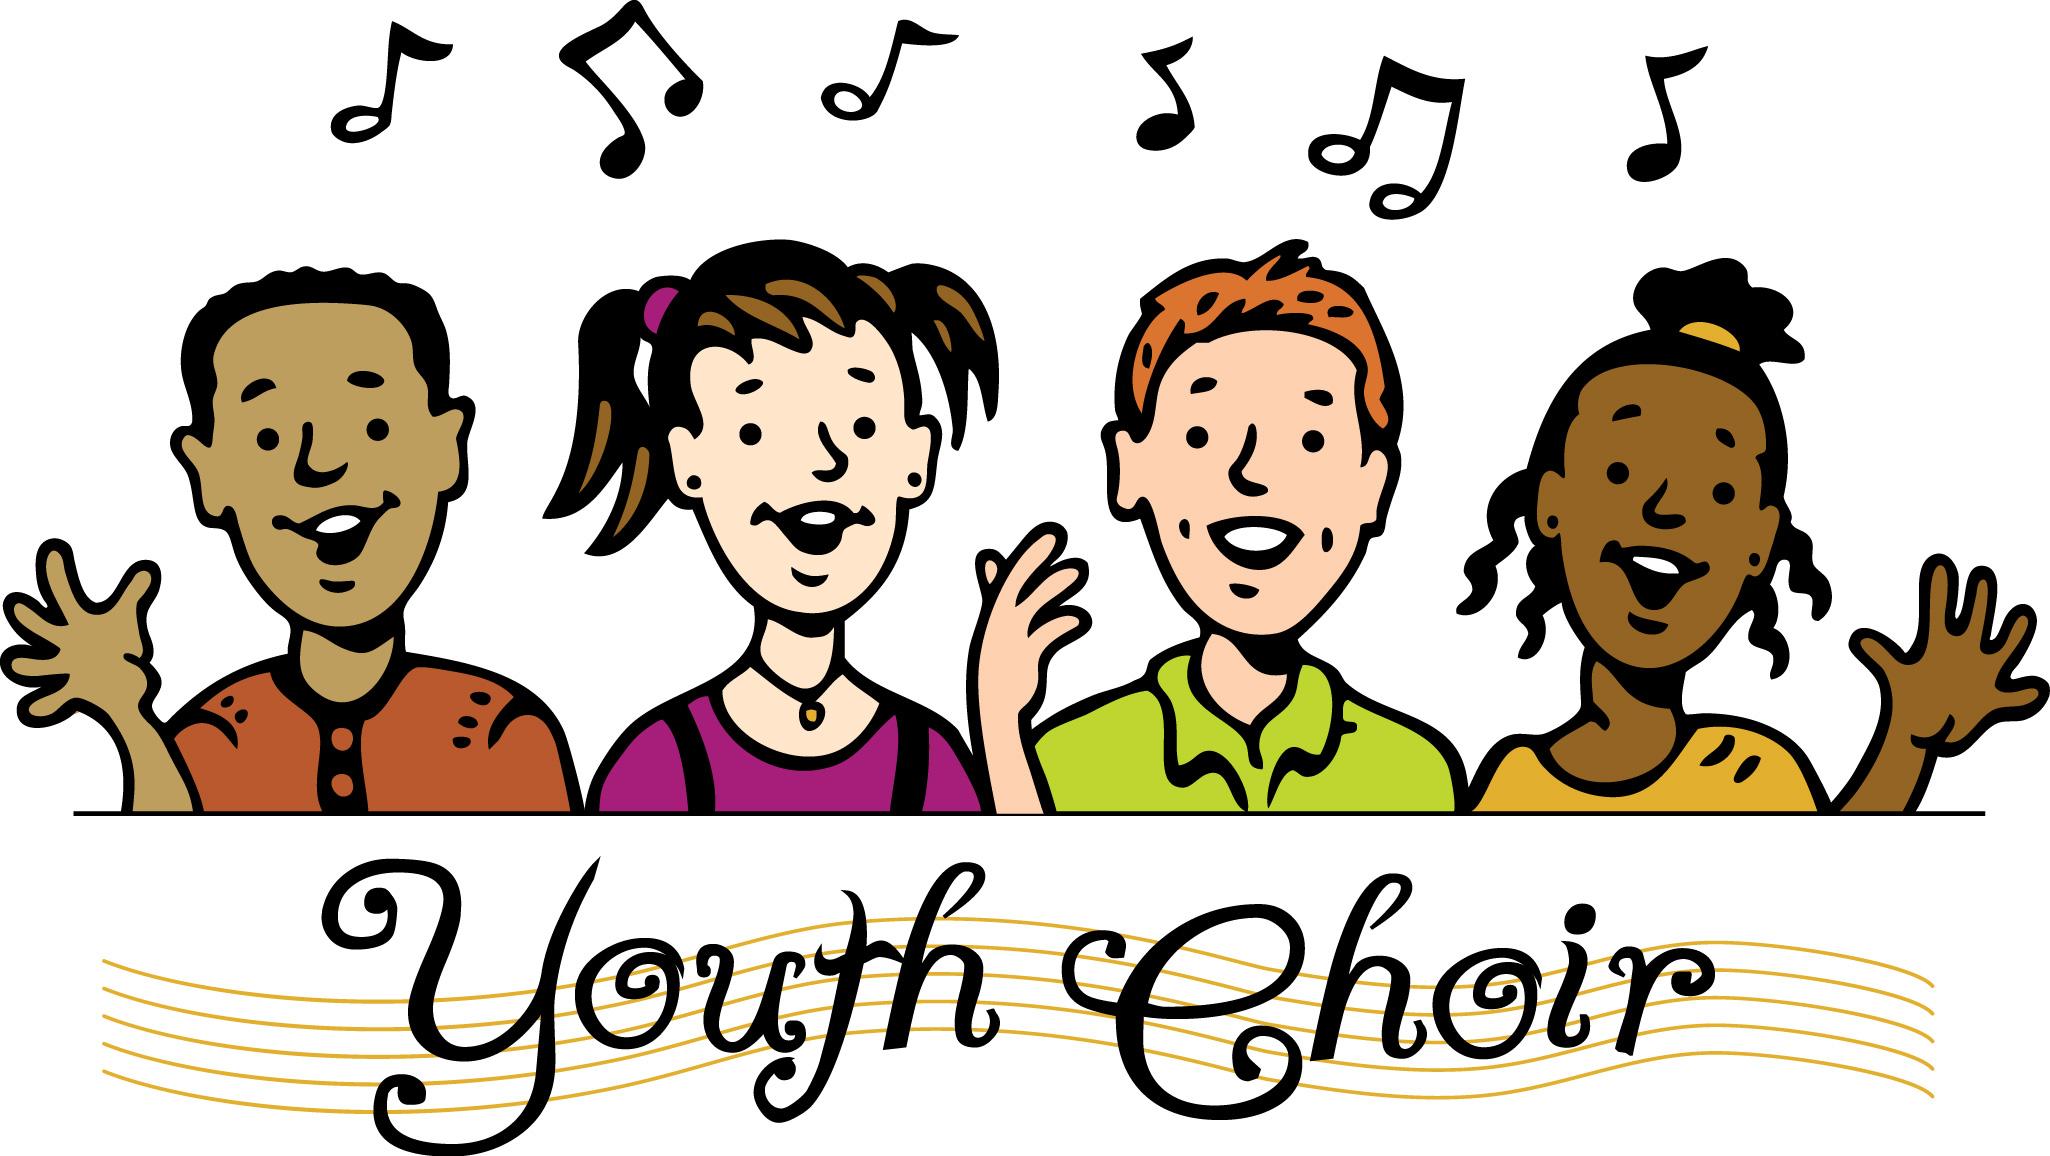 Choir clipart youth choir. Clip art n free